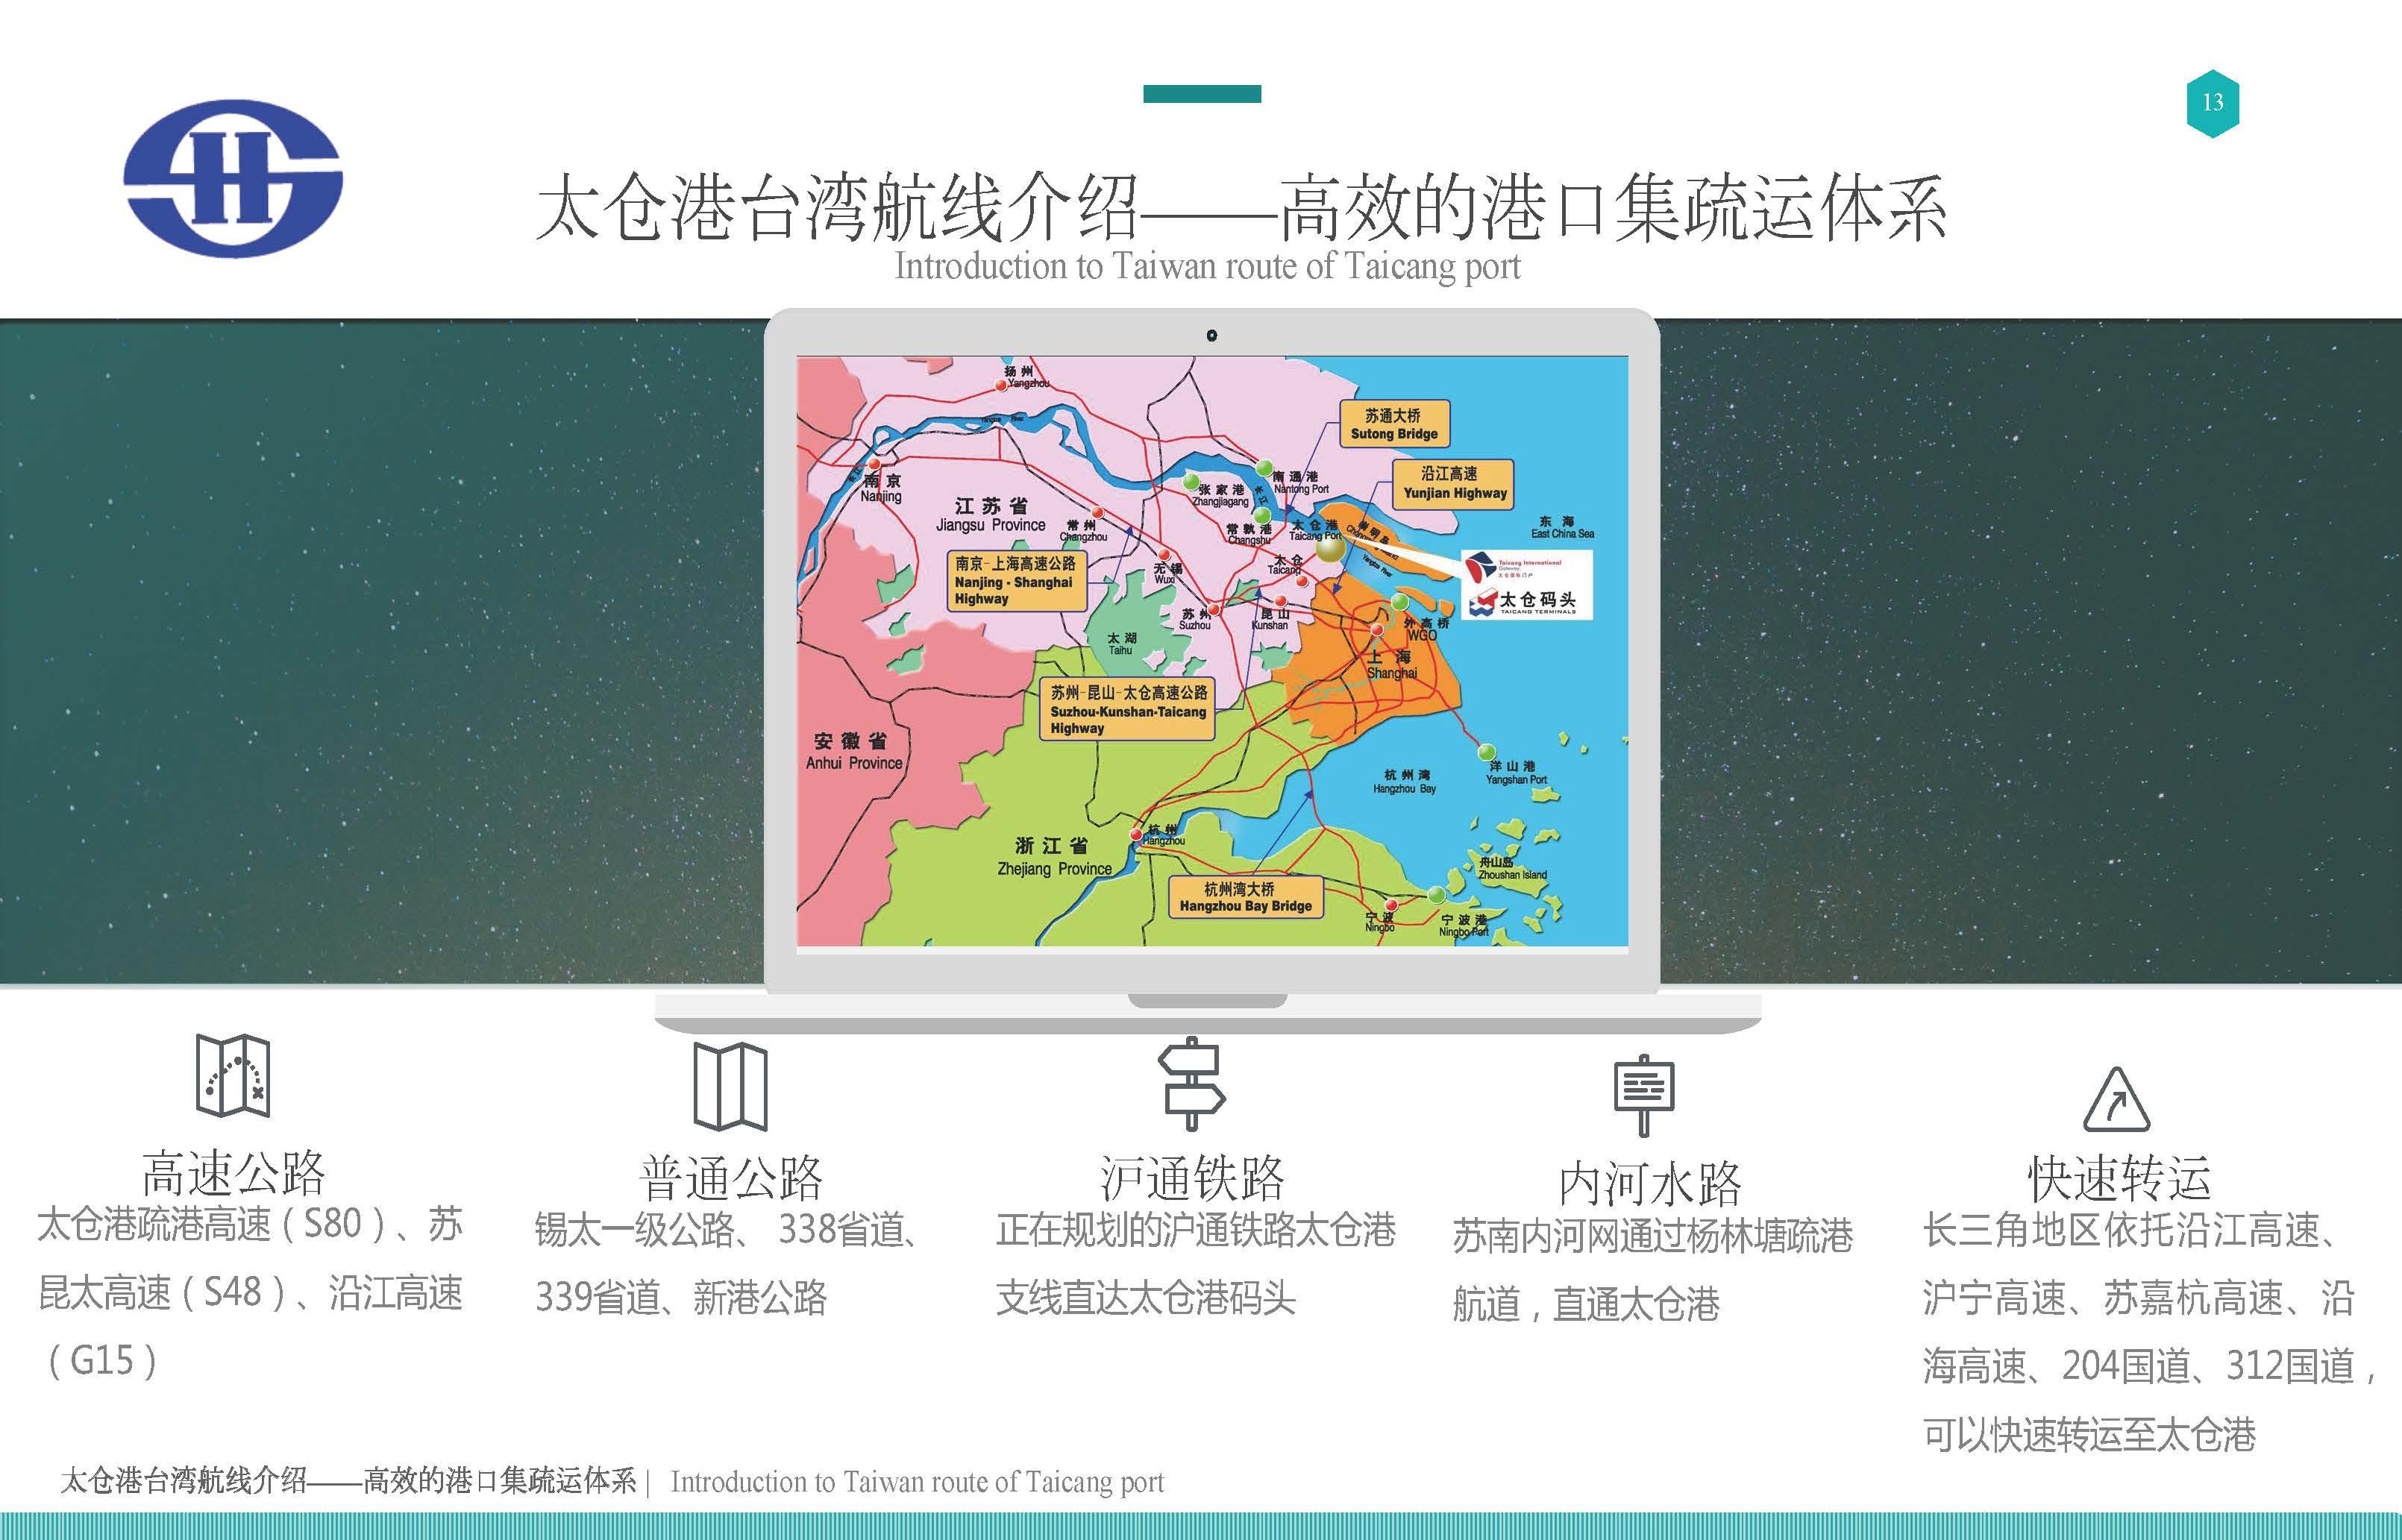 蘇州華航資料_頁面_10